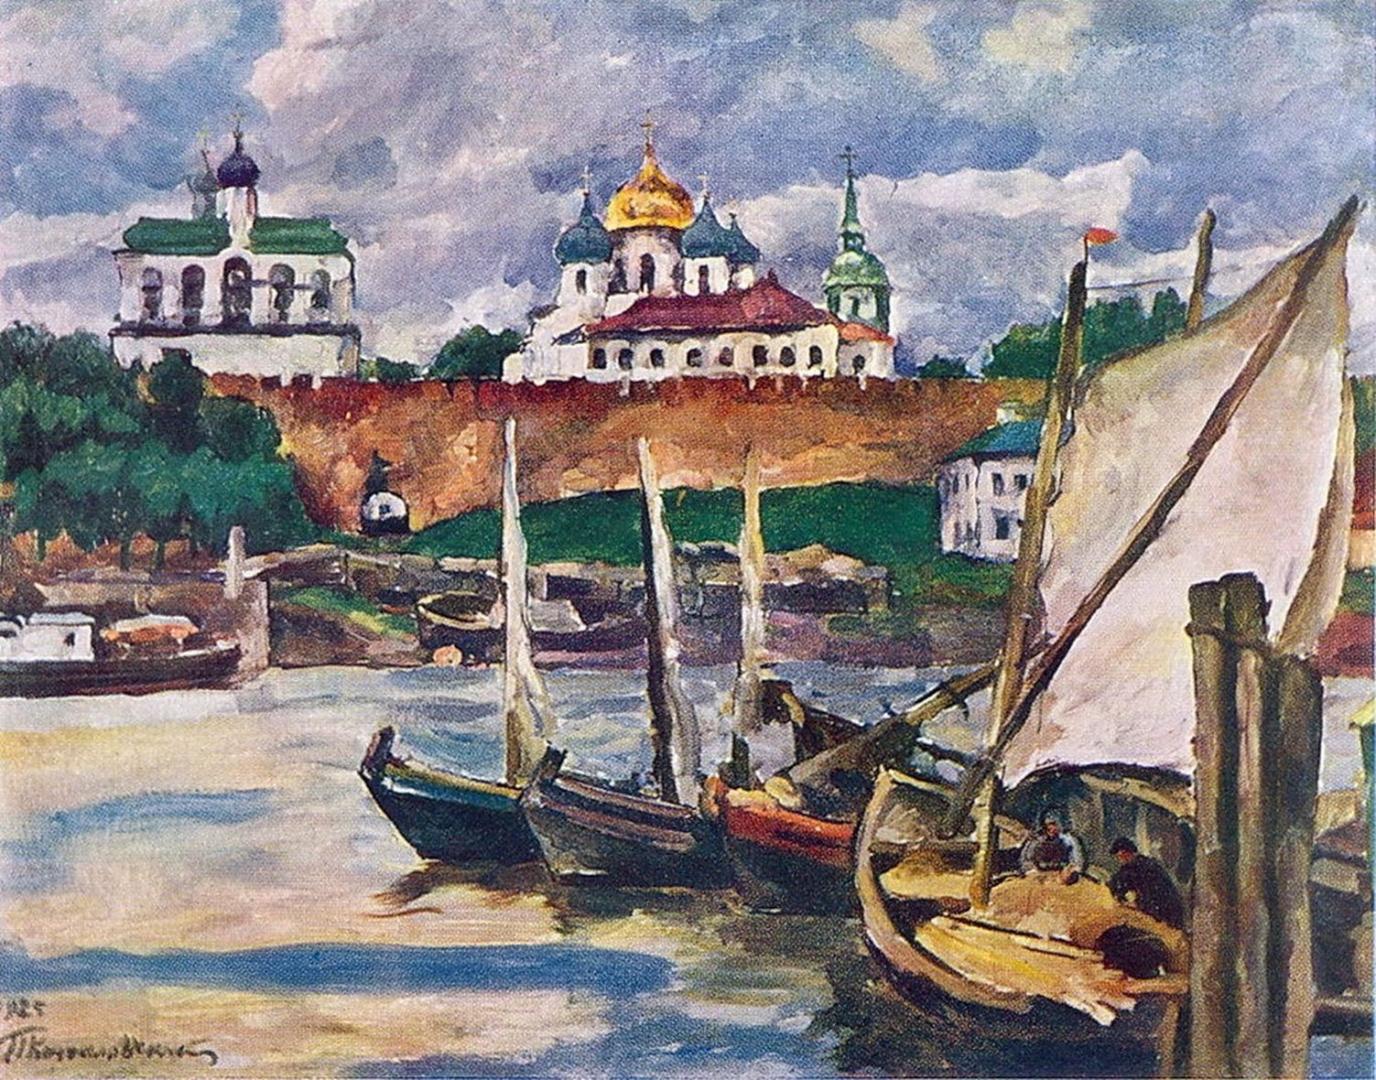 Петр Кончаловский. Новгород. Детинец. 1925